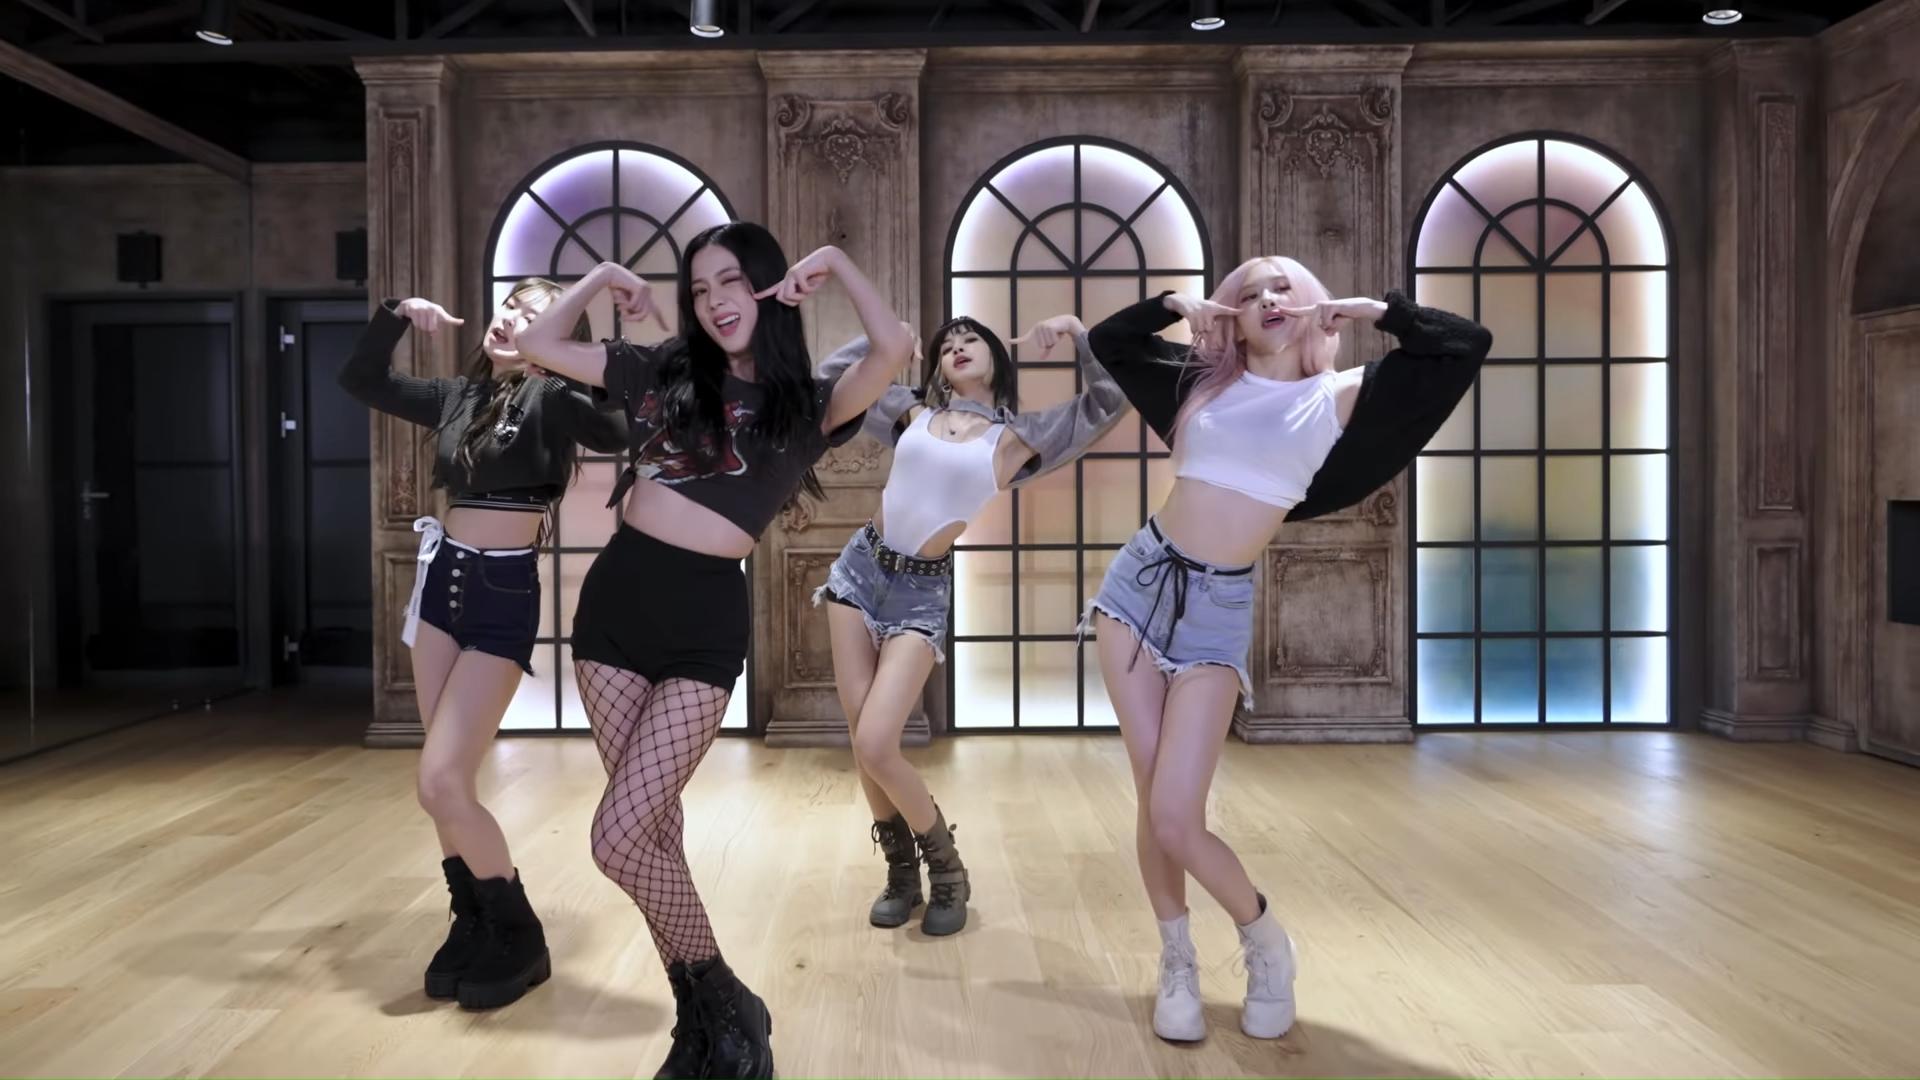 BLACKPINK - 'Lovesick Girls' DANCE PRACTICE VIDEO 1-52 screenshot